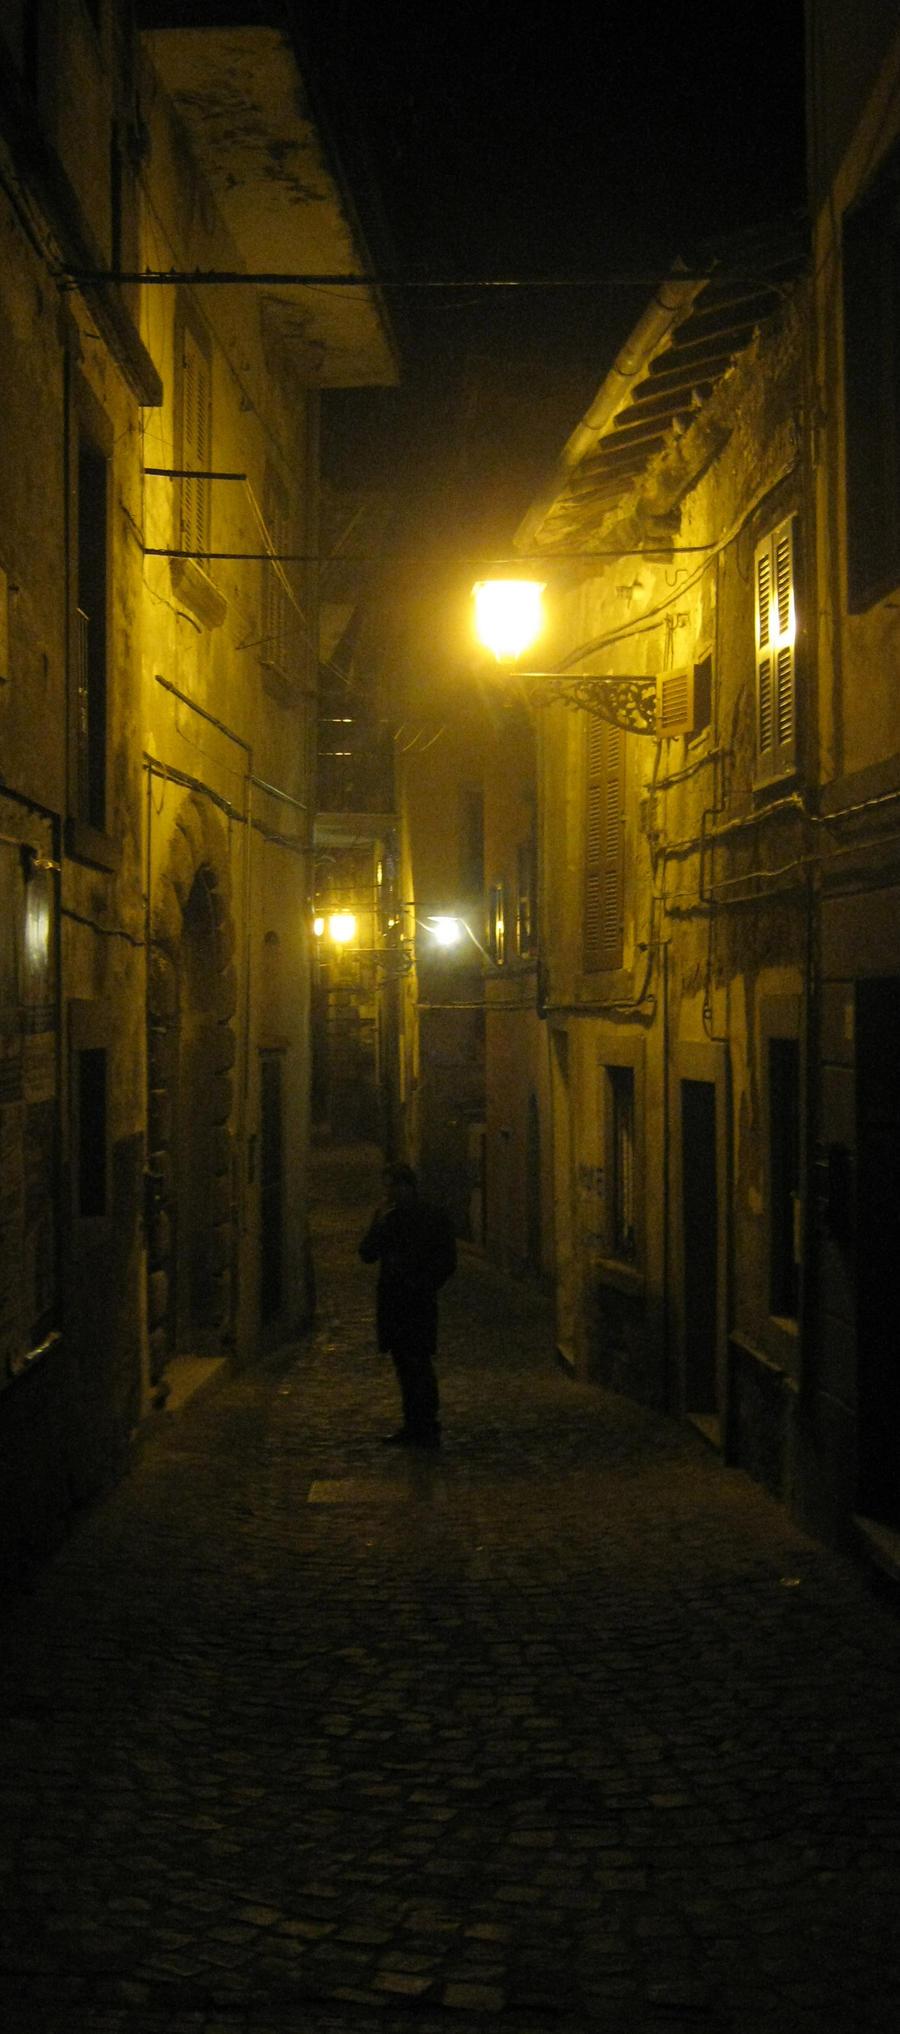 Qualcuno nel buio by Zuppetta